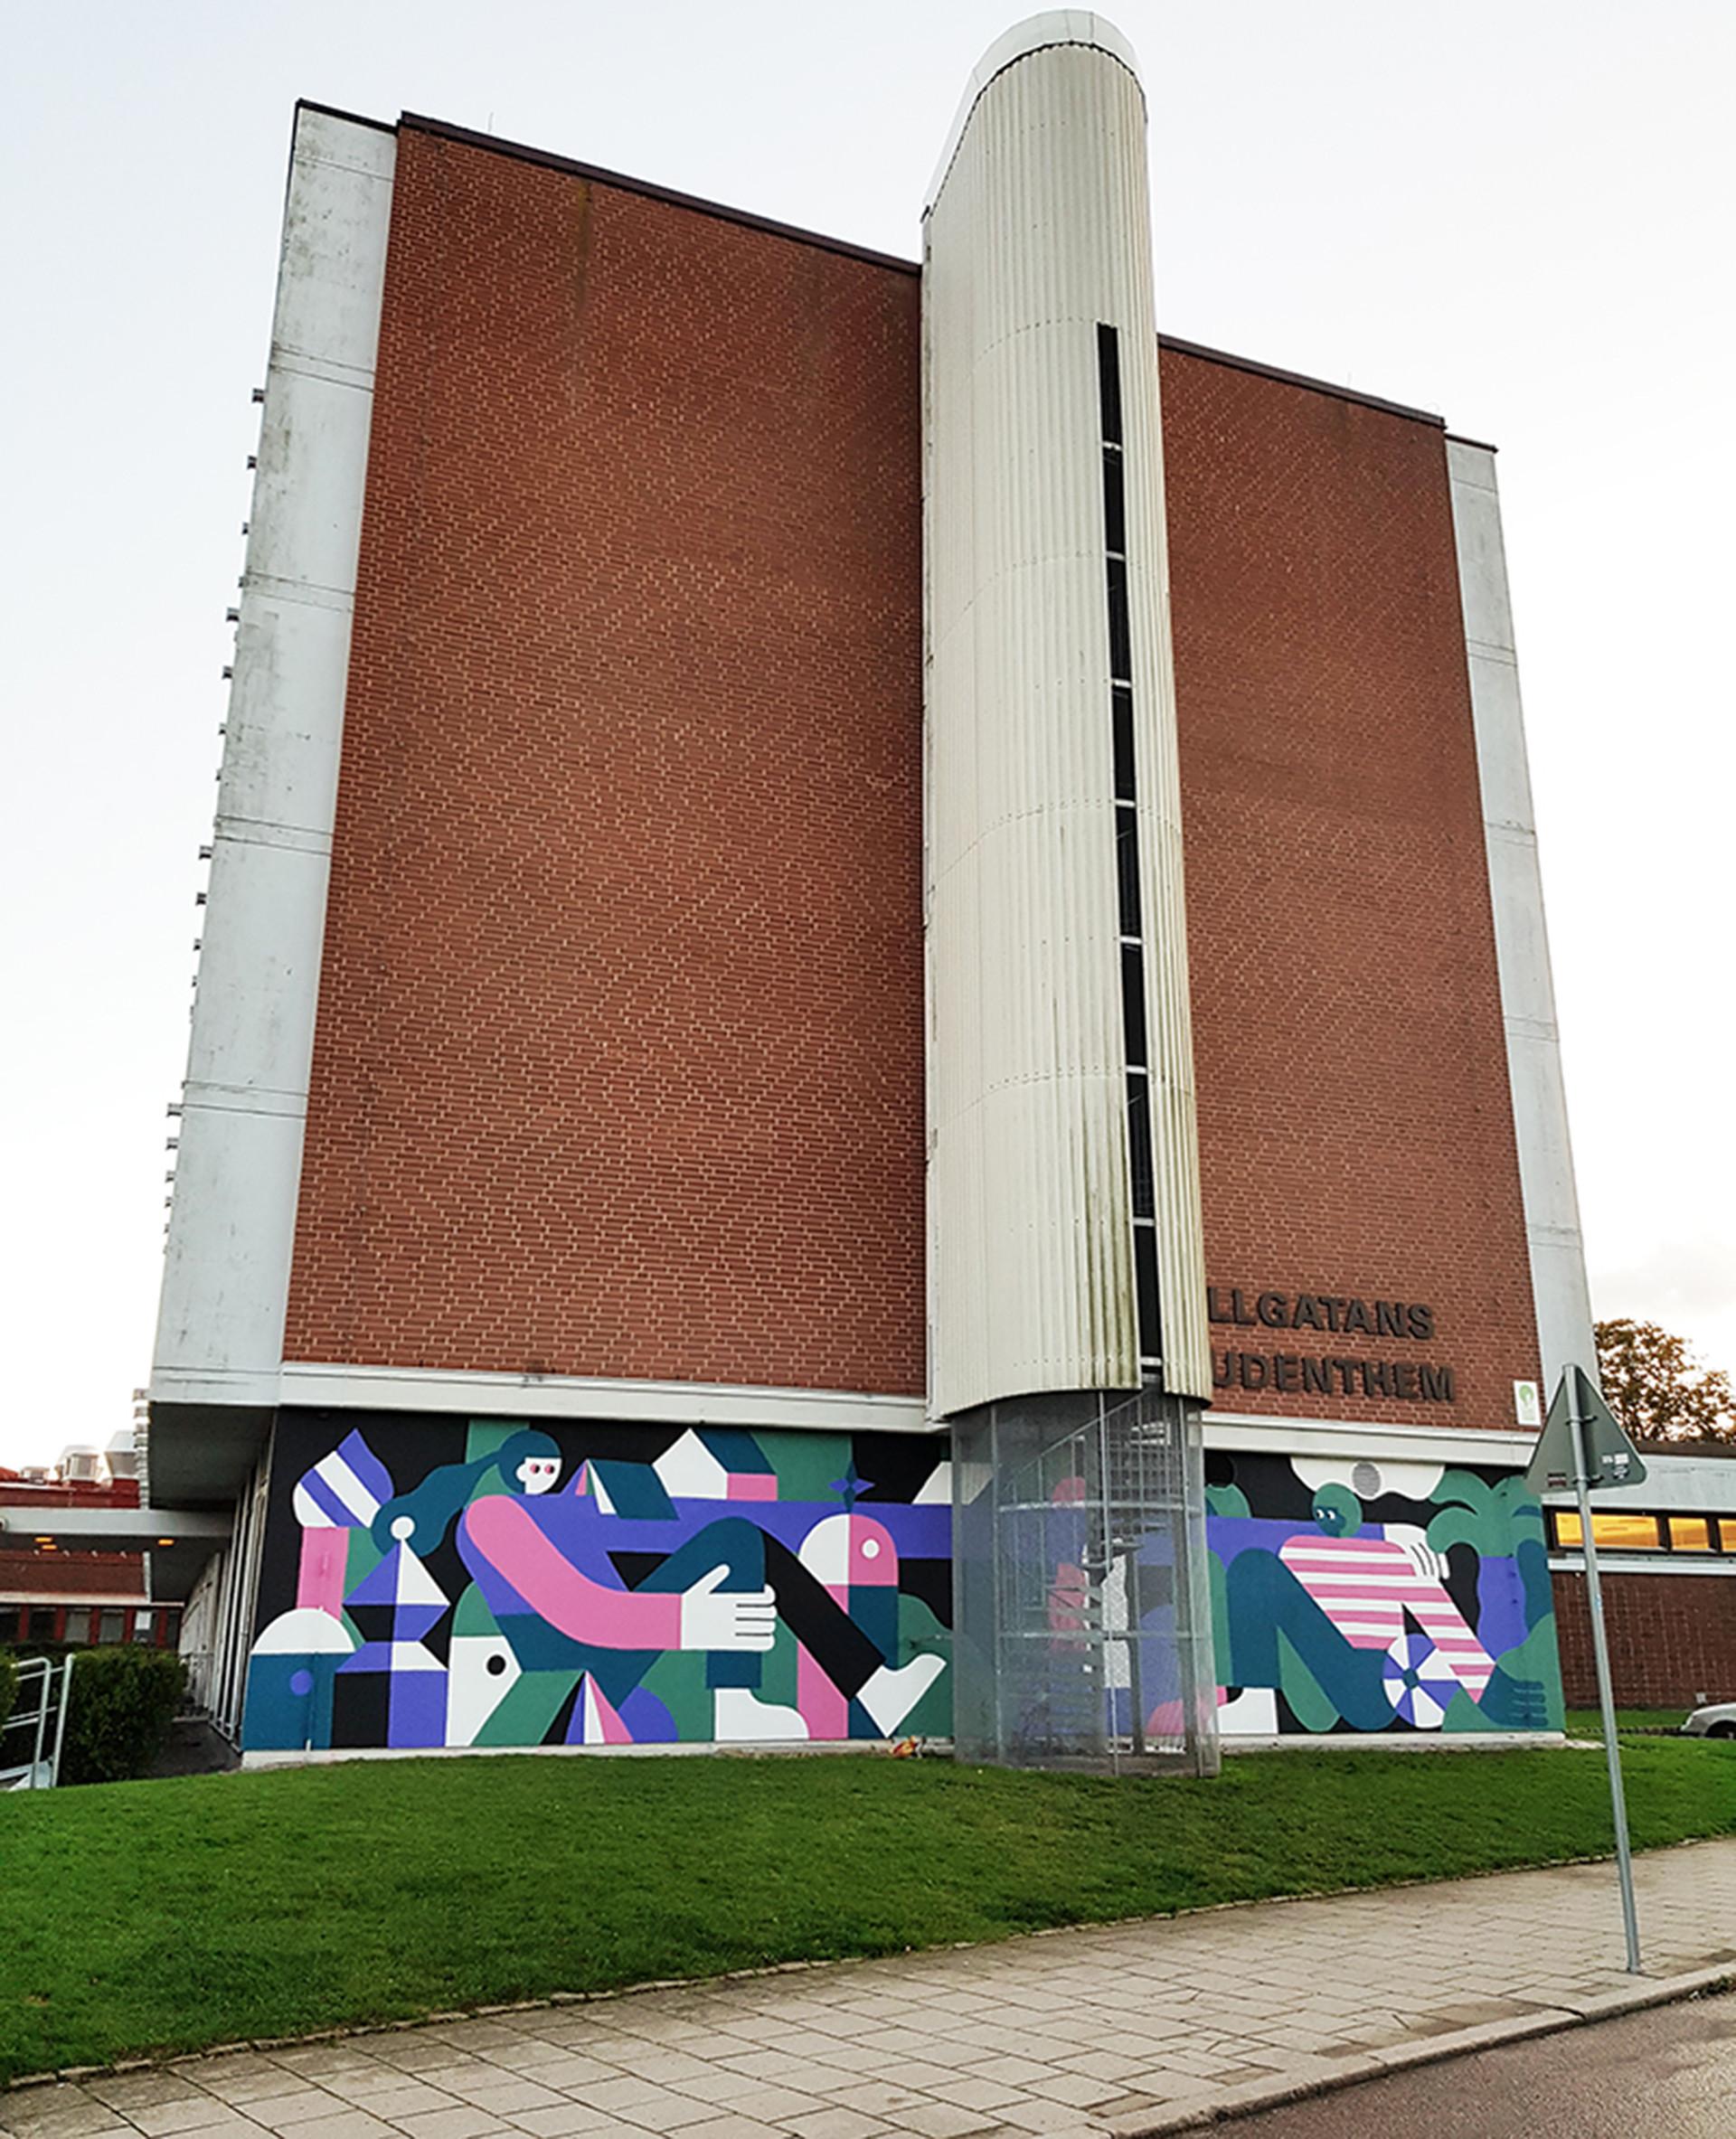 Muralsweden2Wfront.jpg